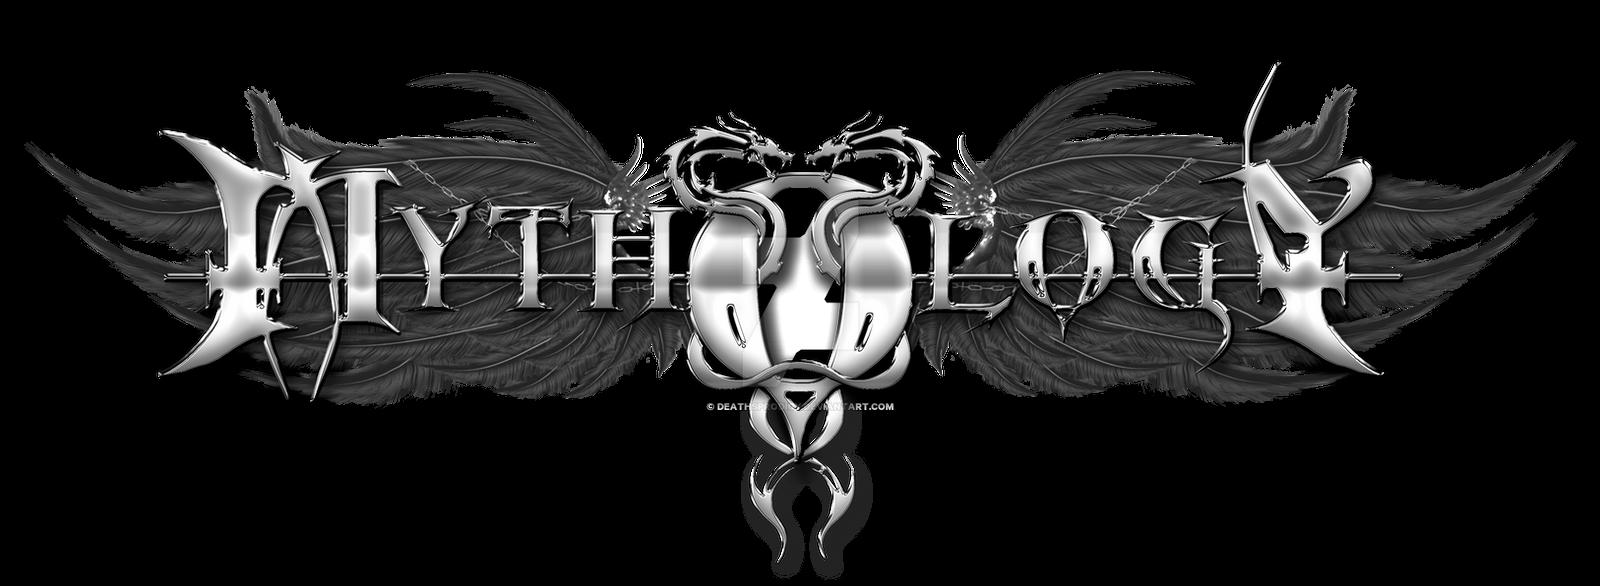 Mythology - Guerra Das Valquírias Mythology___logo_by_deathsprodigy-d6yhndq